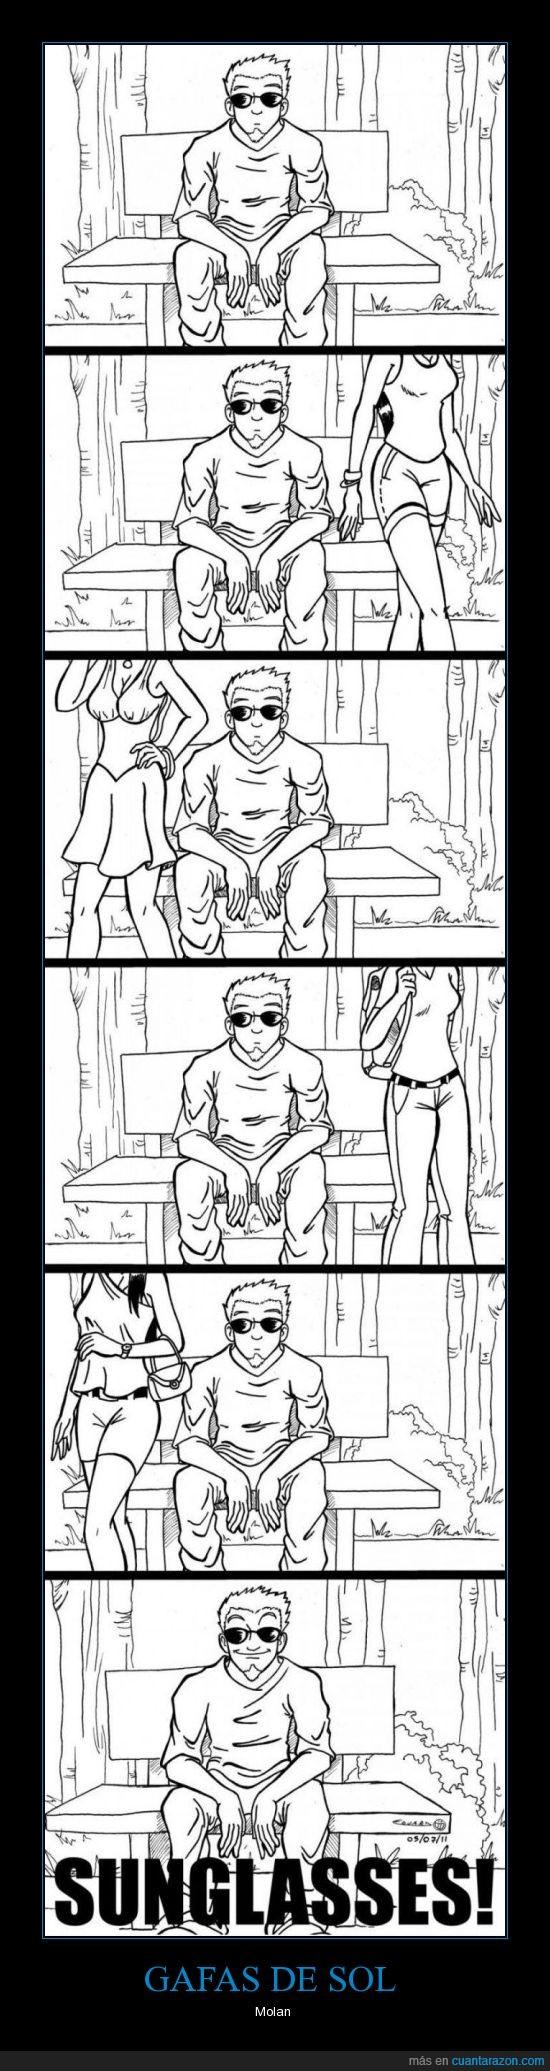 gafas,sol,ventajas